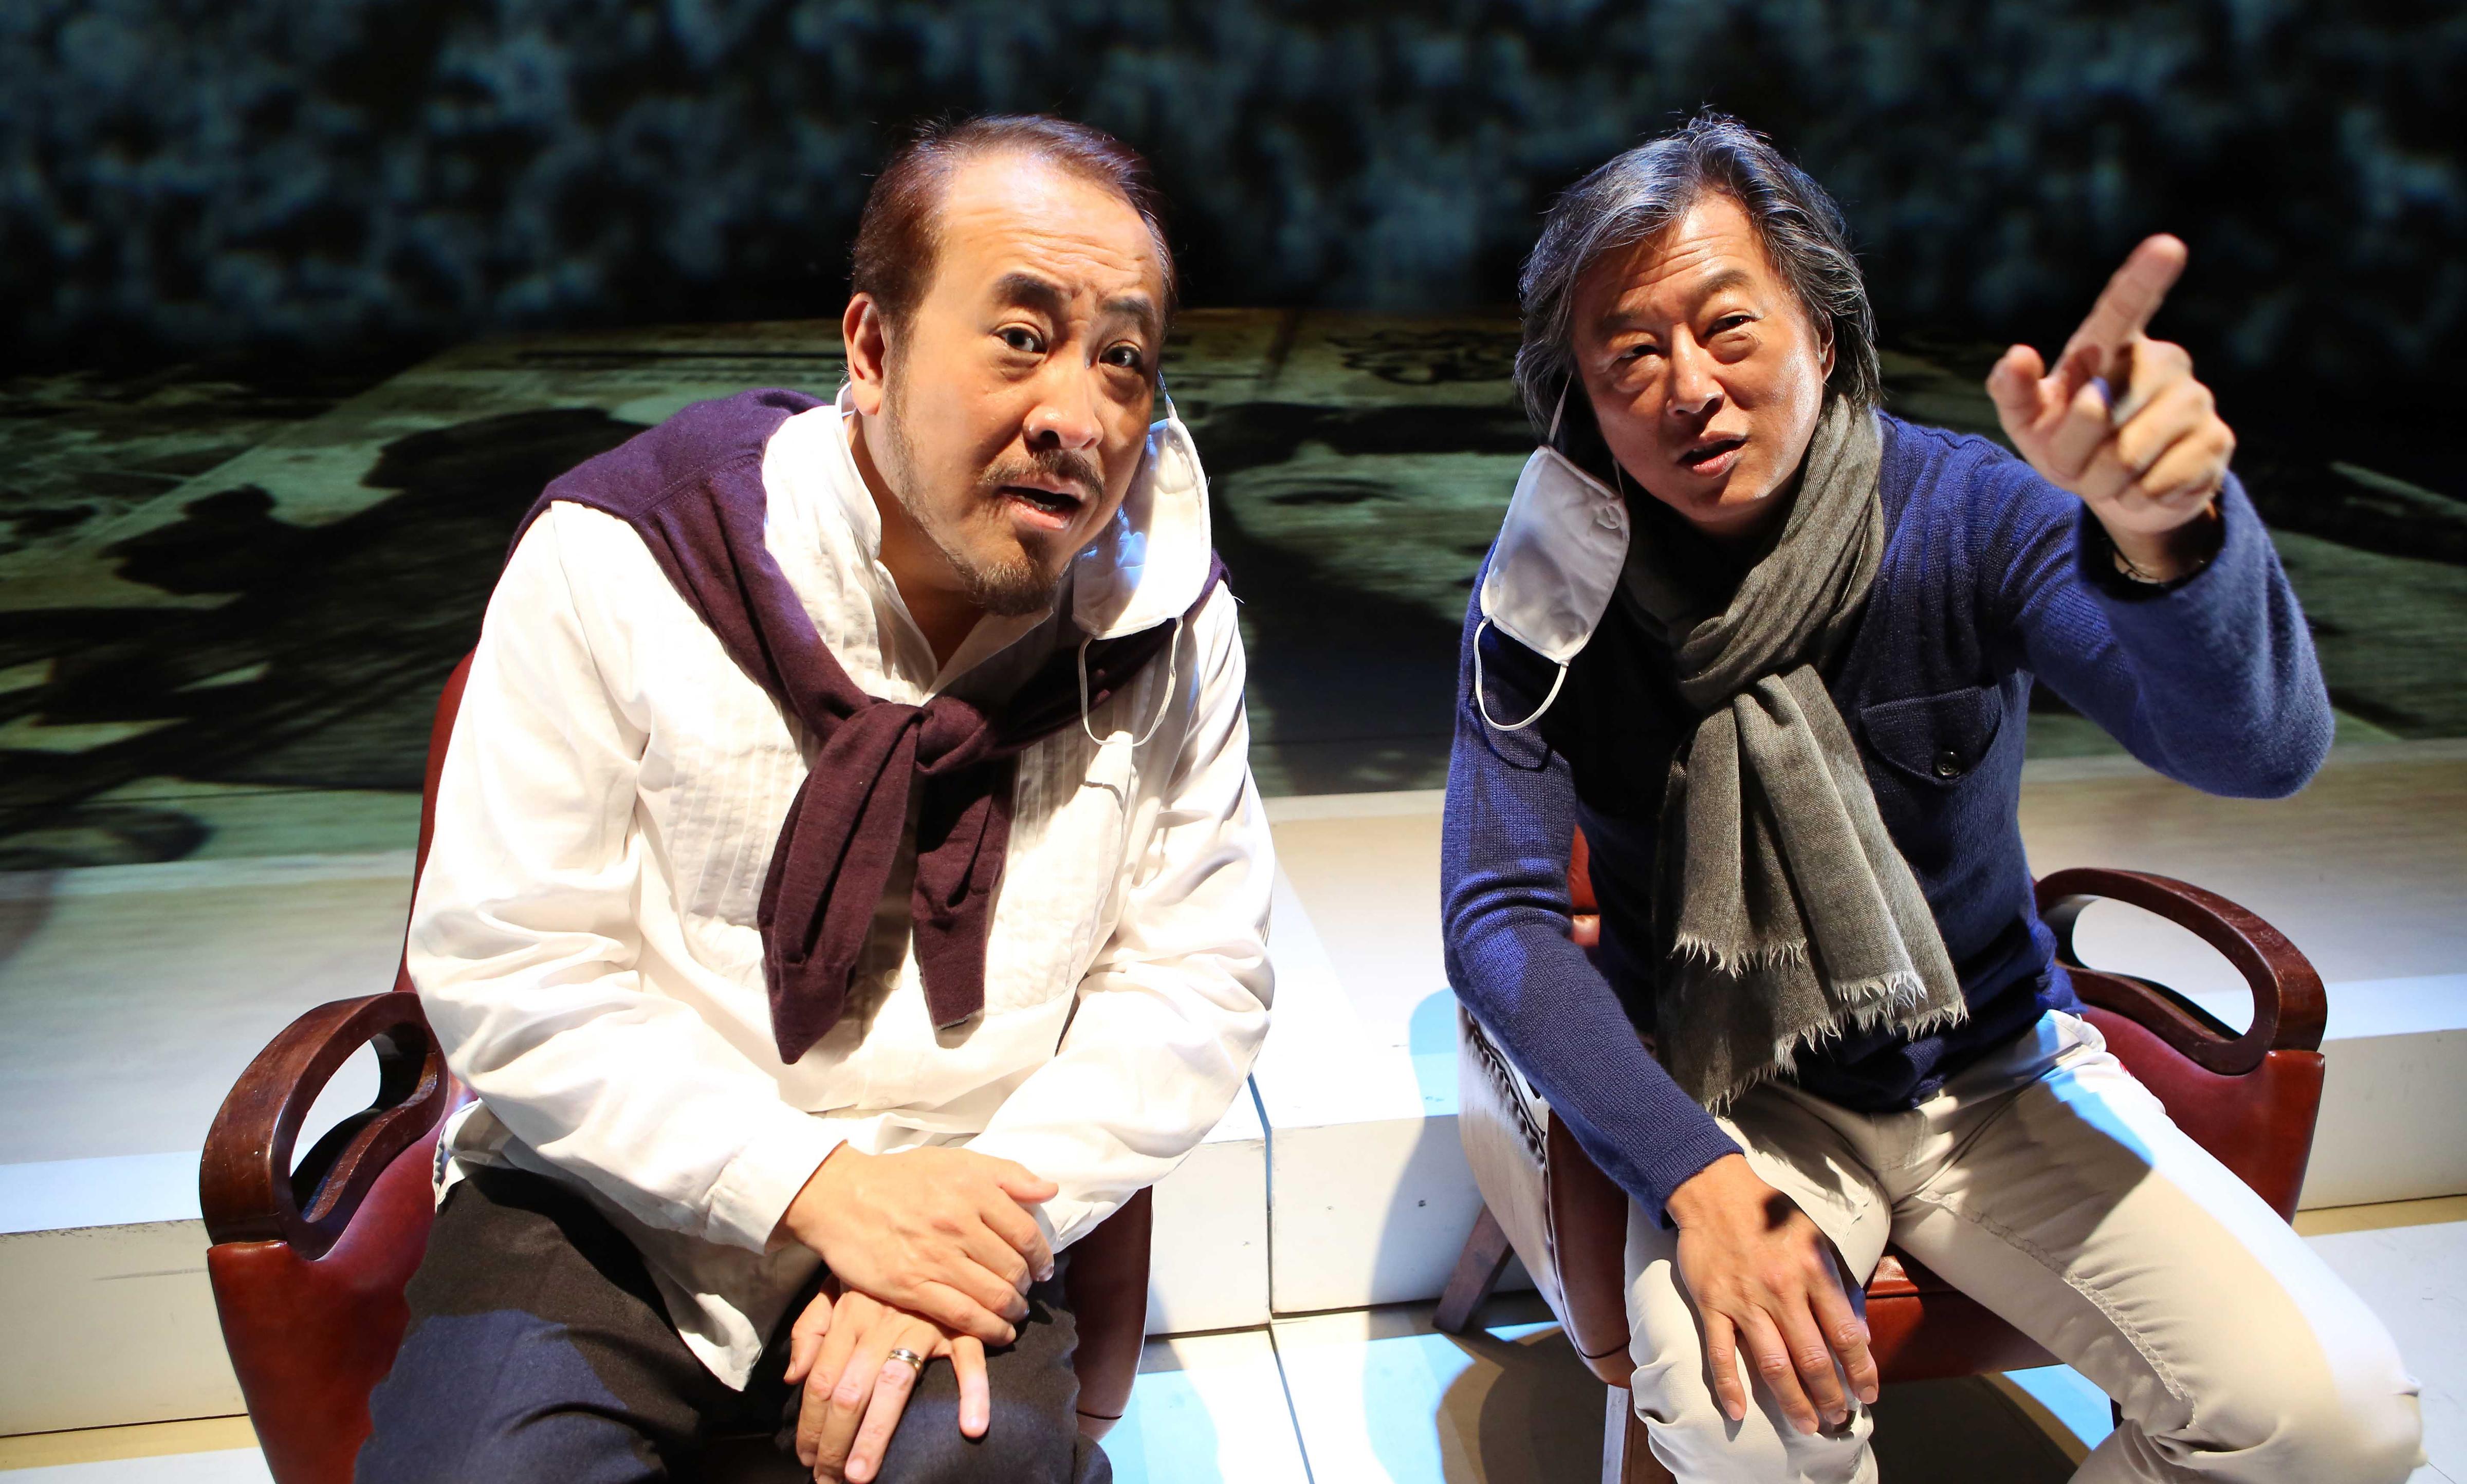 國際聲樂家田浩江,以及王牌製作人王偉忠領銜主演。(圖/主辦單位提供)